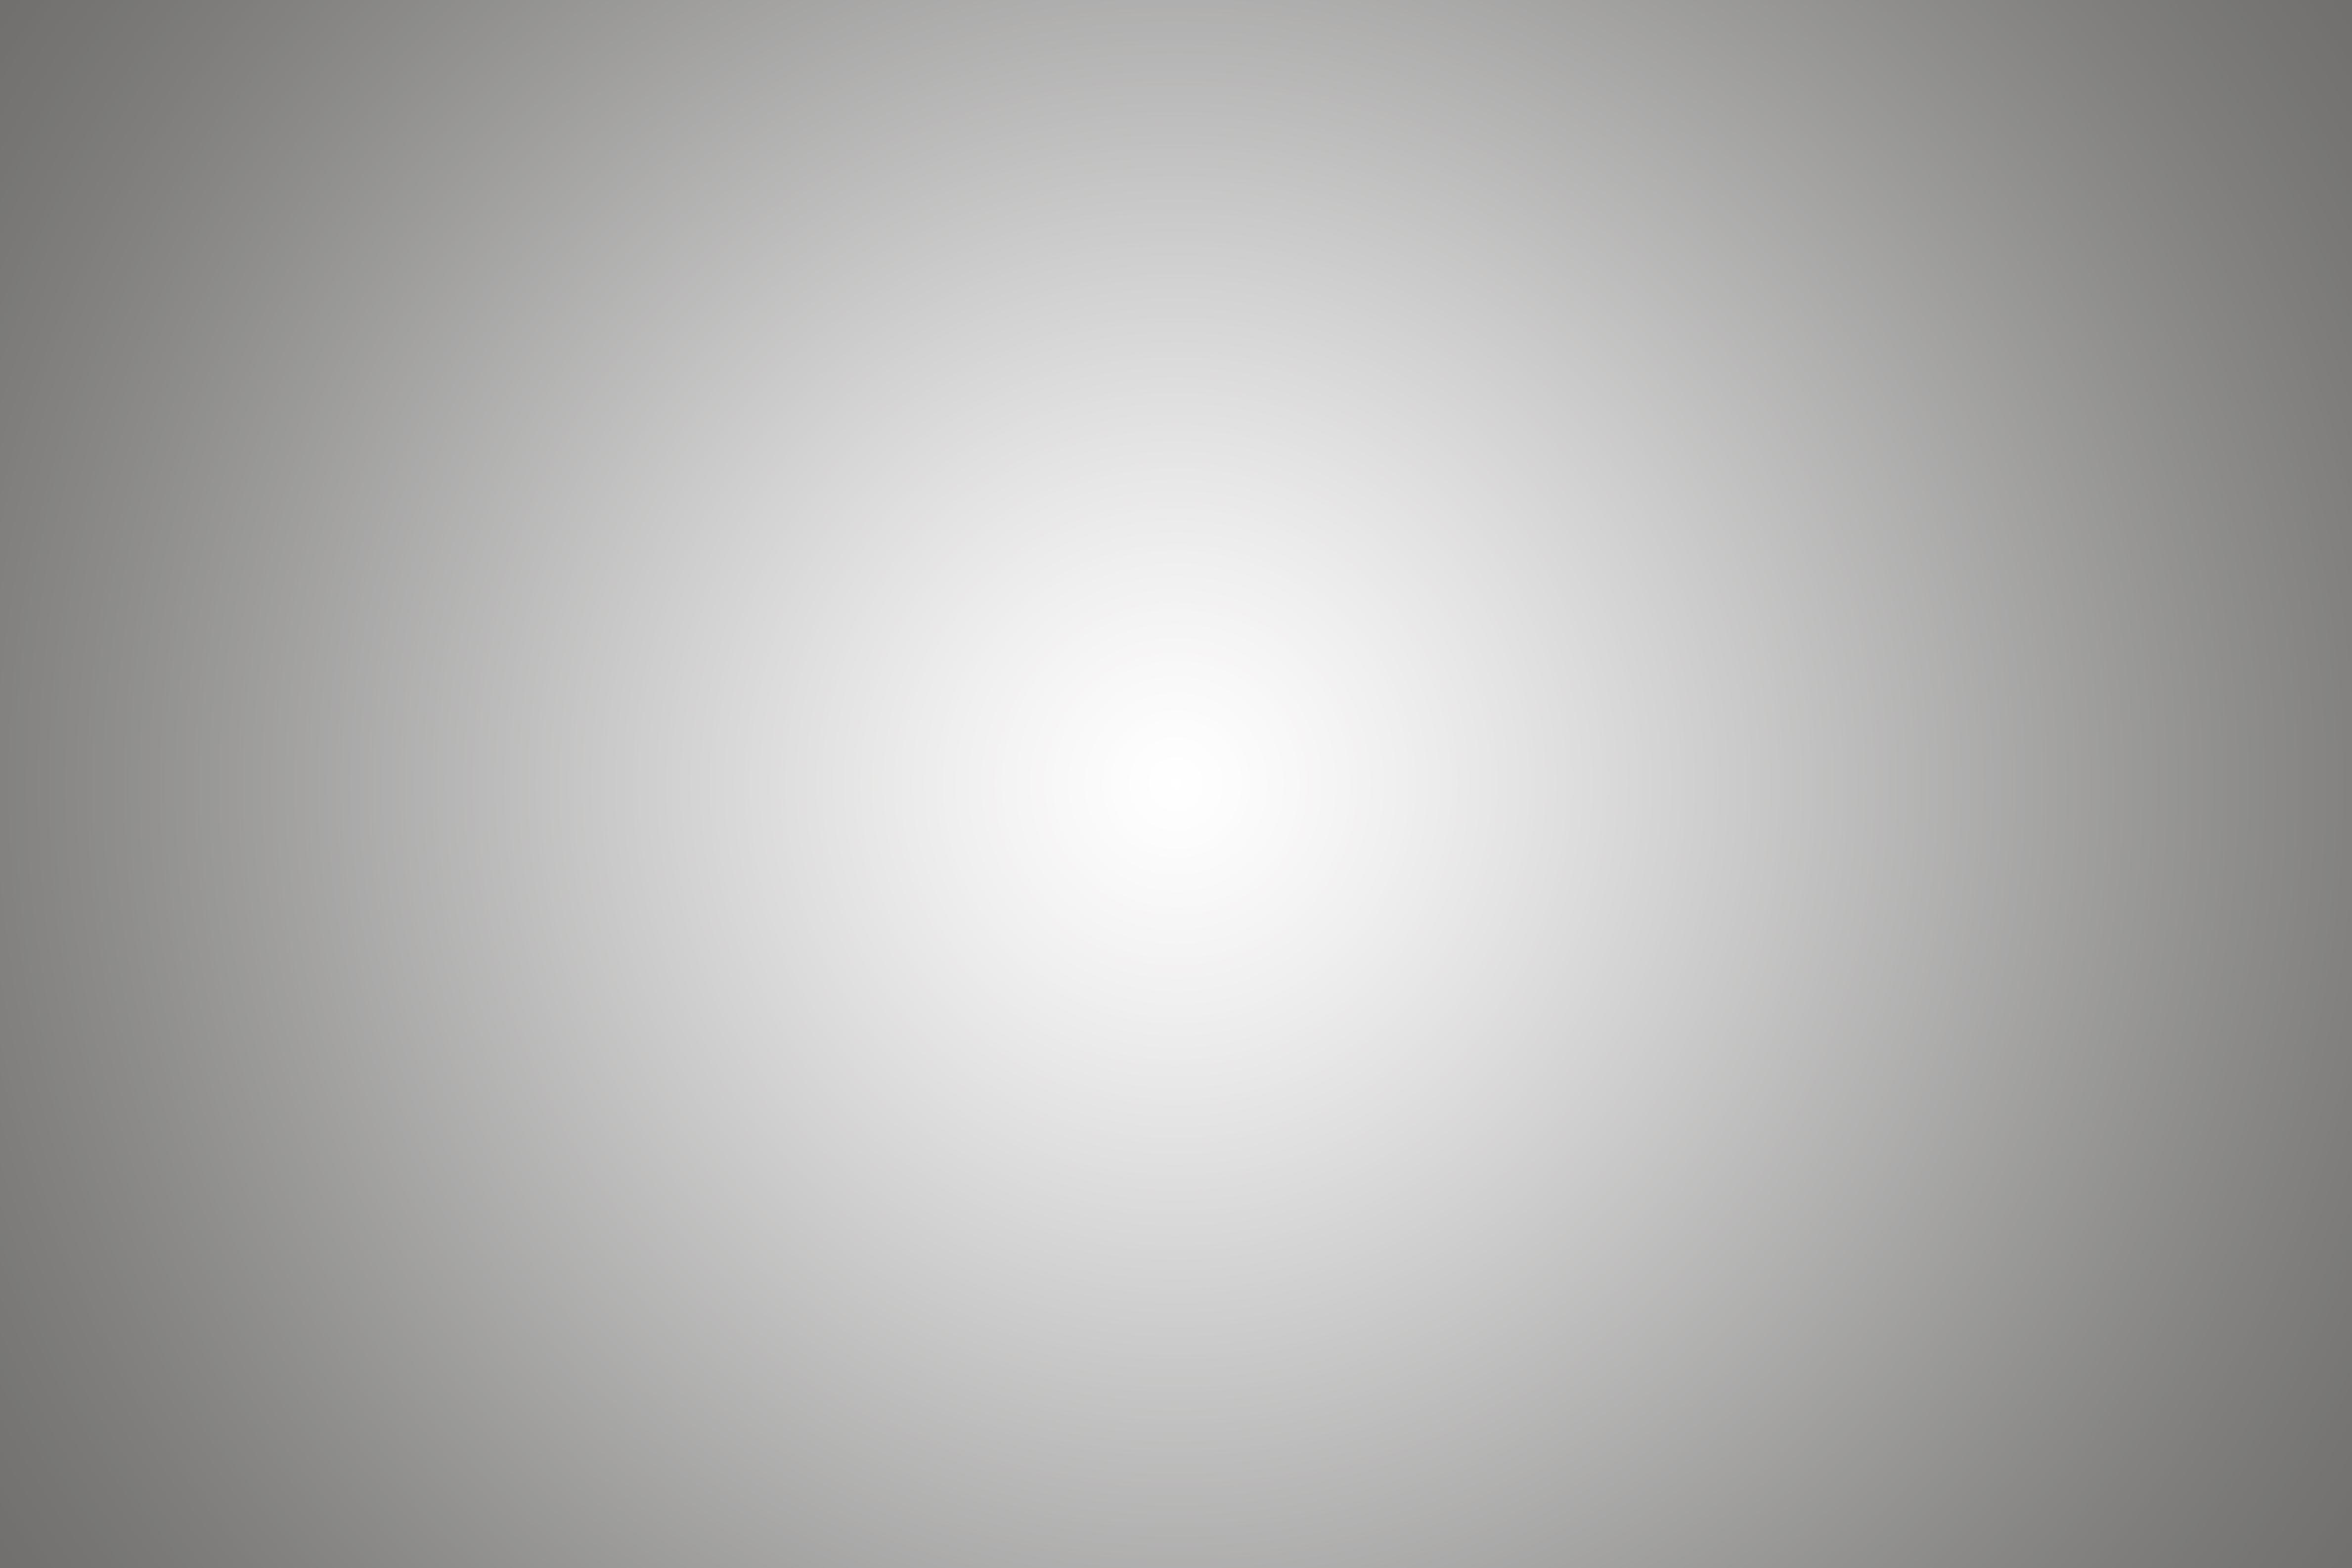 Hintergrund blanko